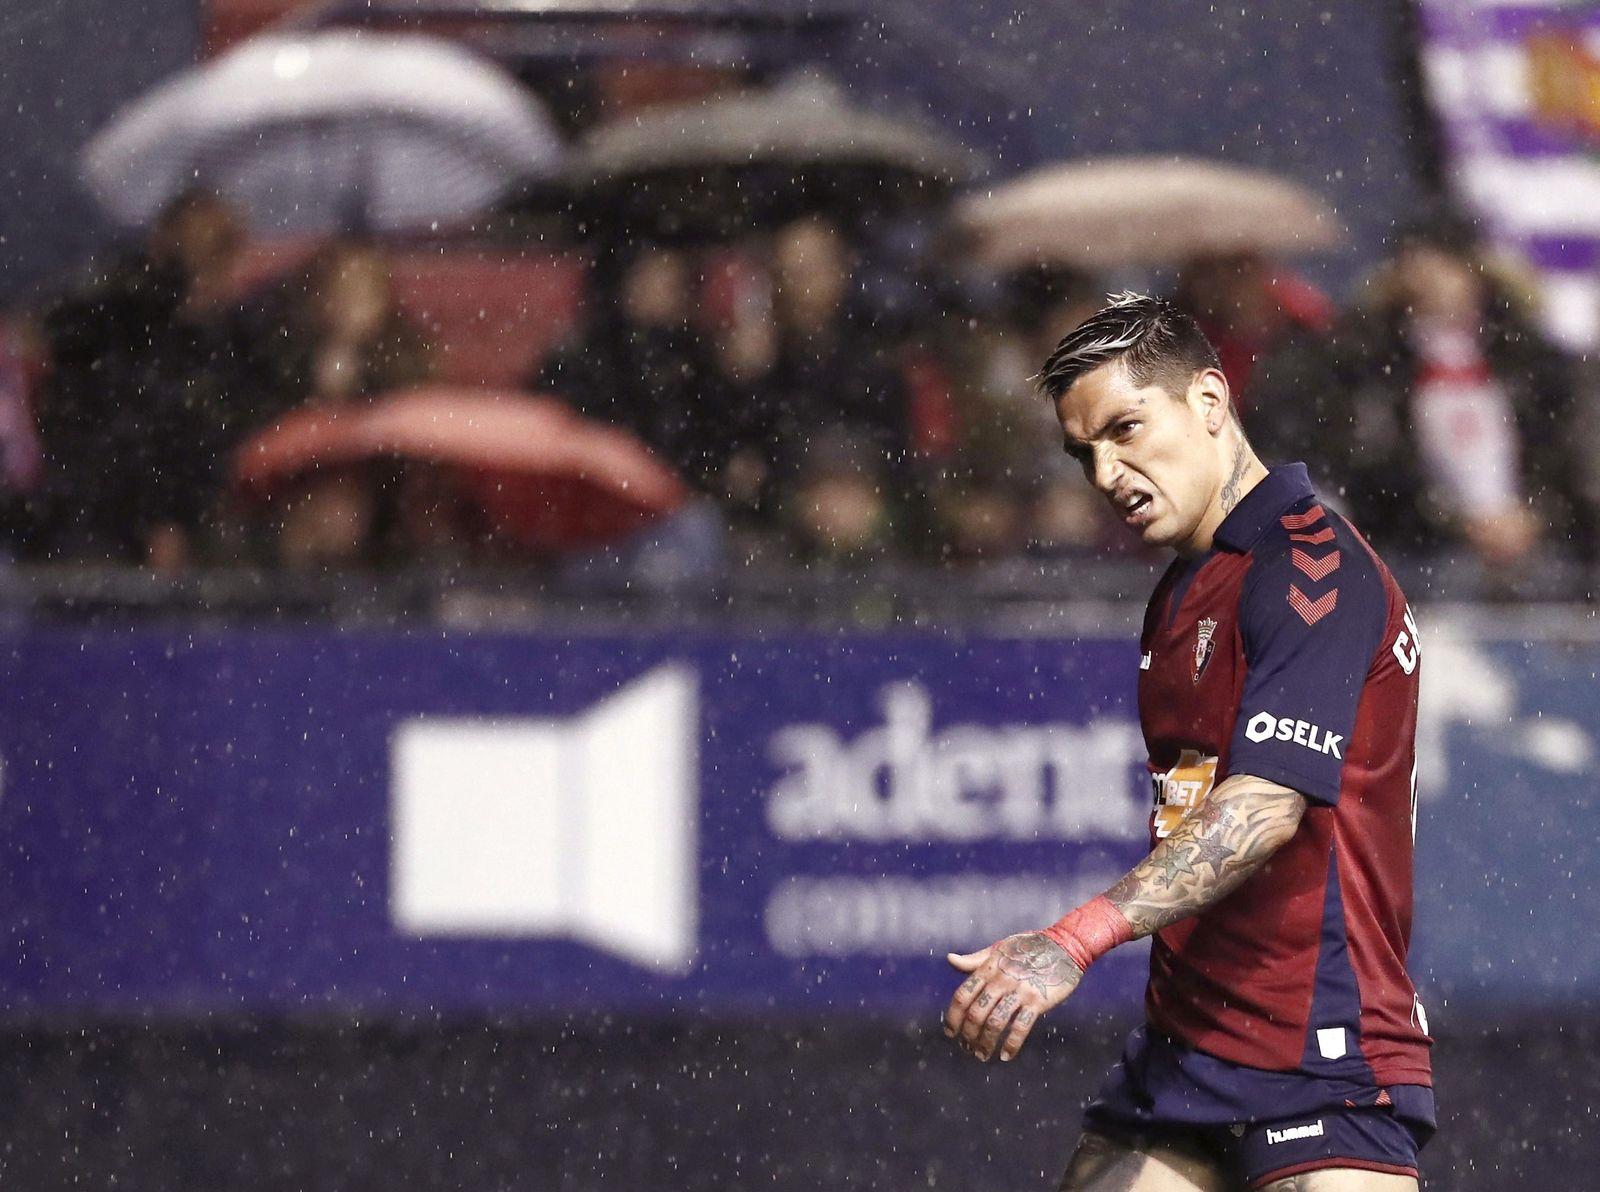 Osasuna vs Real Valladolid, Pamplona Navarra, Spain - 18 Jan 2020